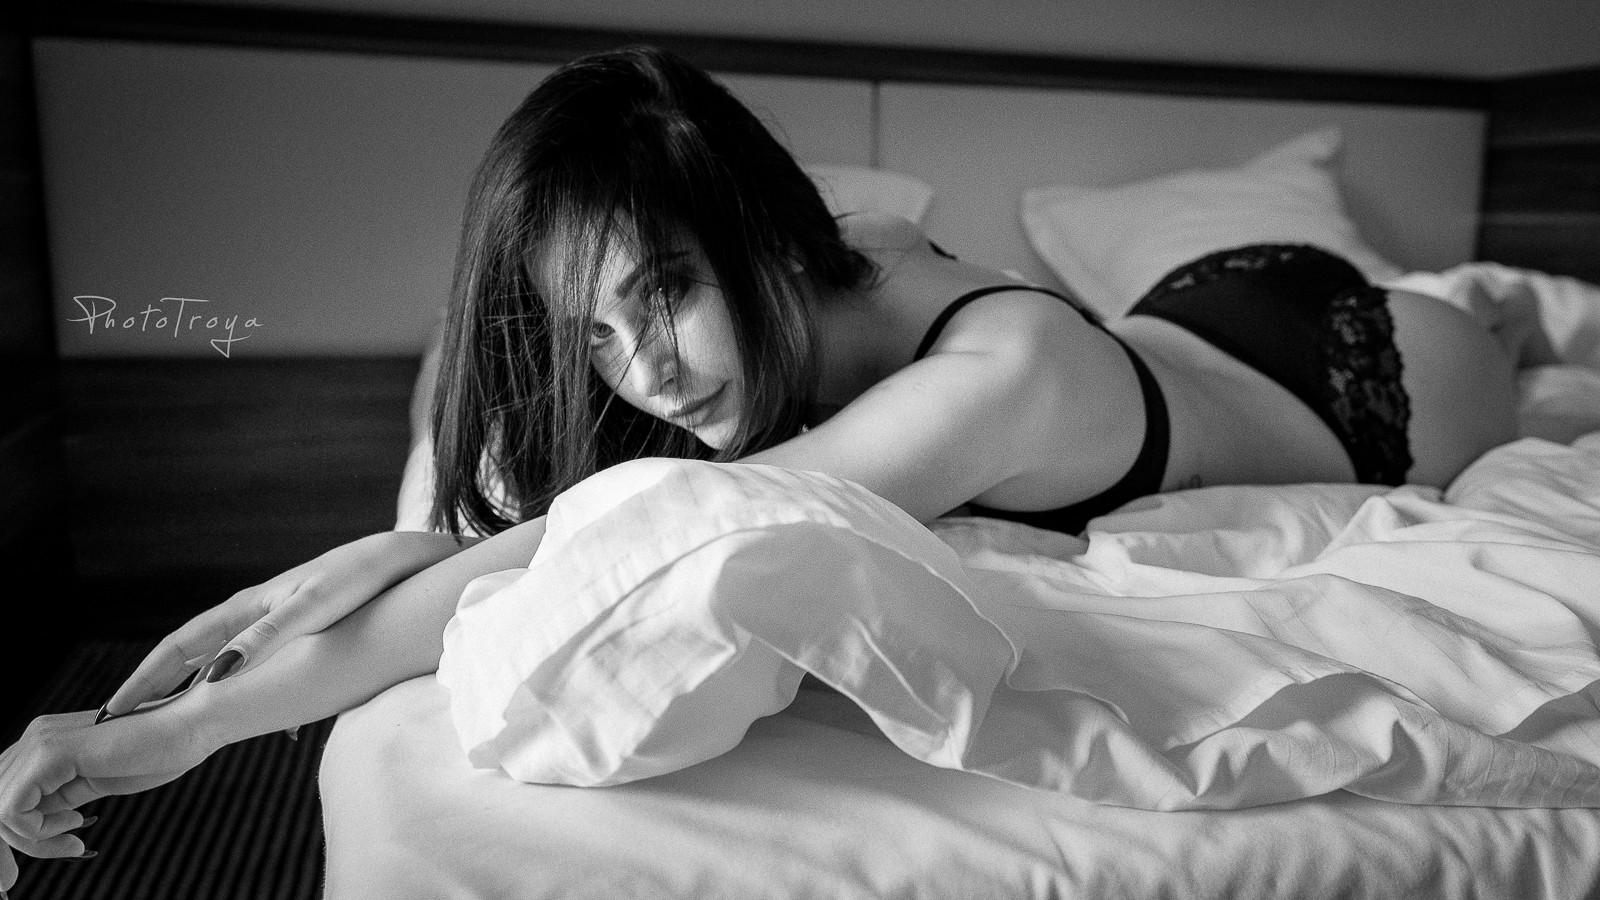 Sesja sensualna Viktorii Champel